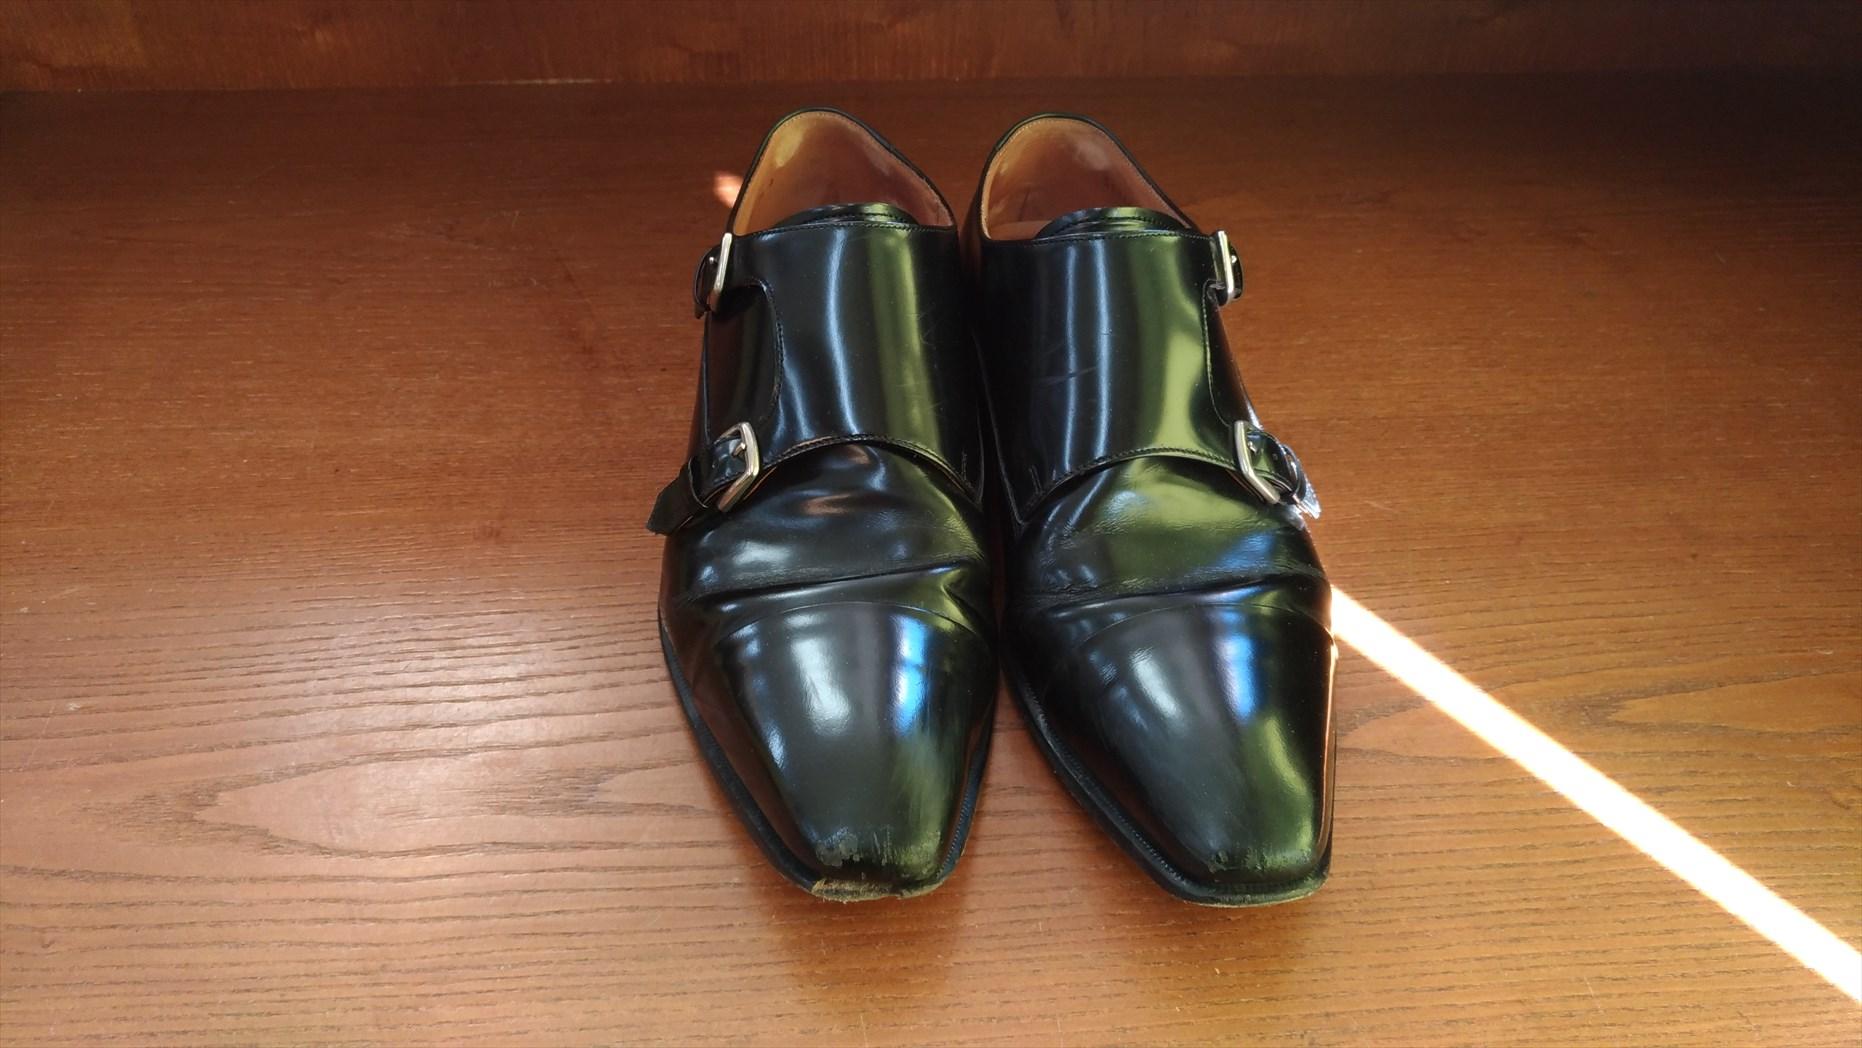 リーガル革靴のモンクストラップ